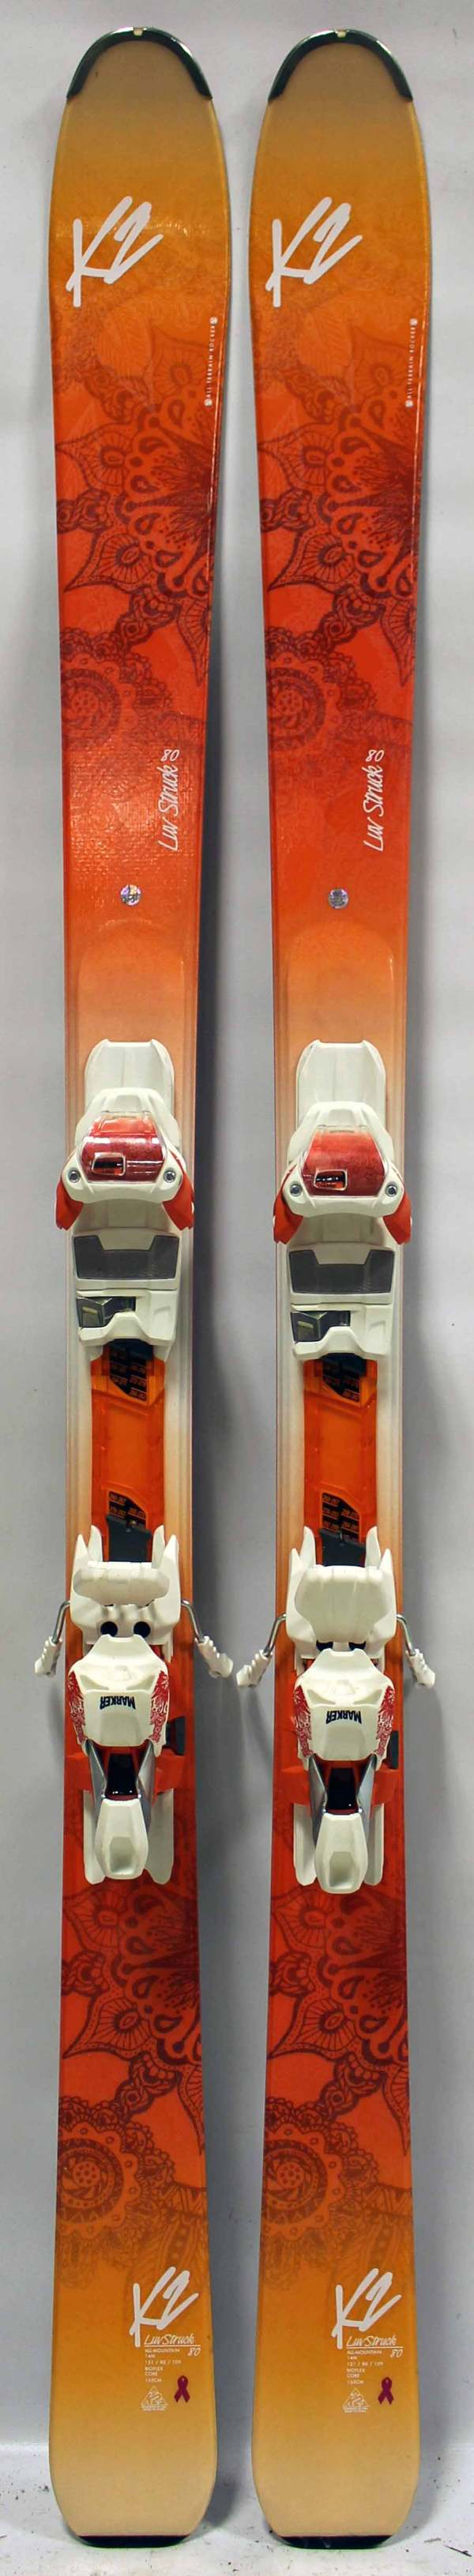 K2 Luv Struck 80 Women' Skis Powder7 Ski